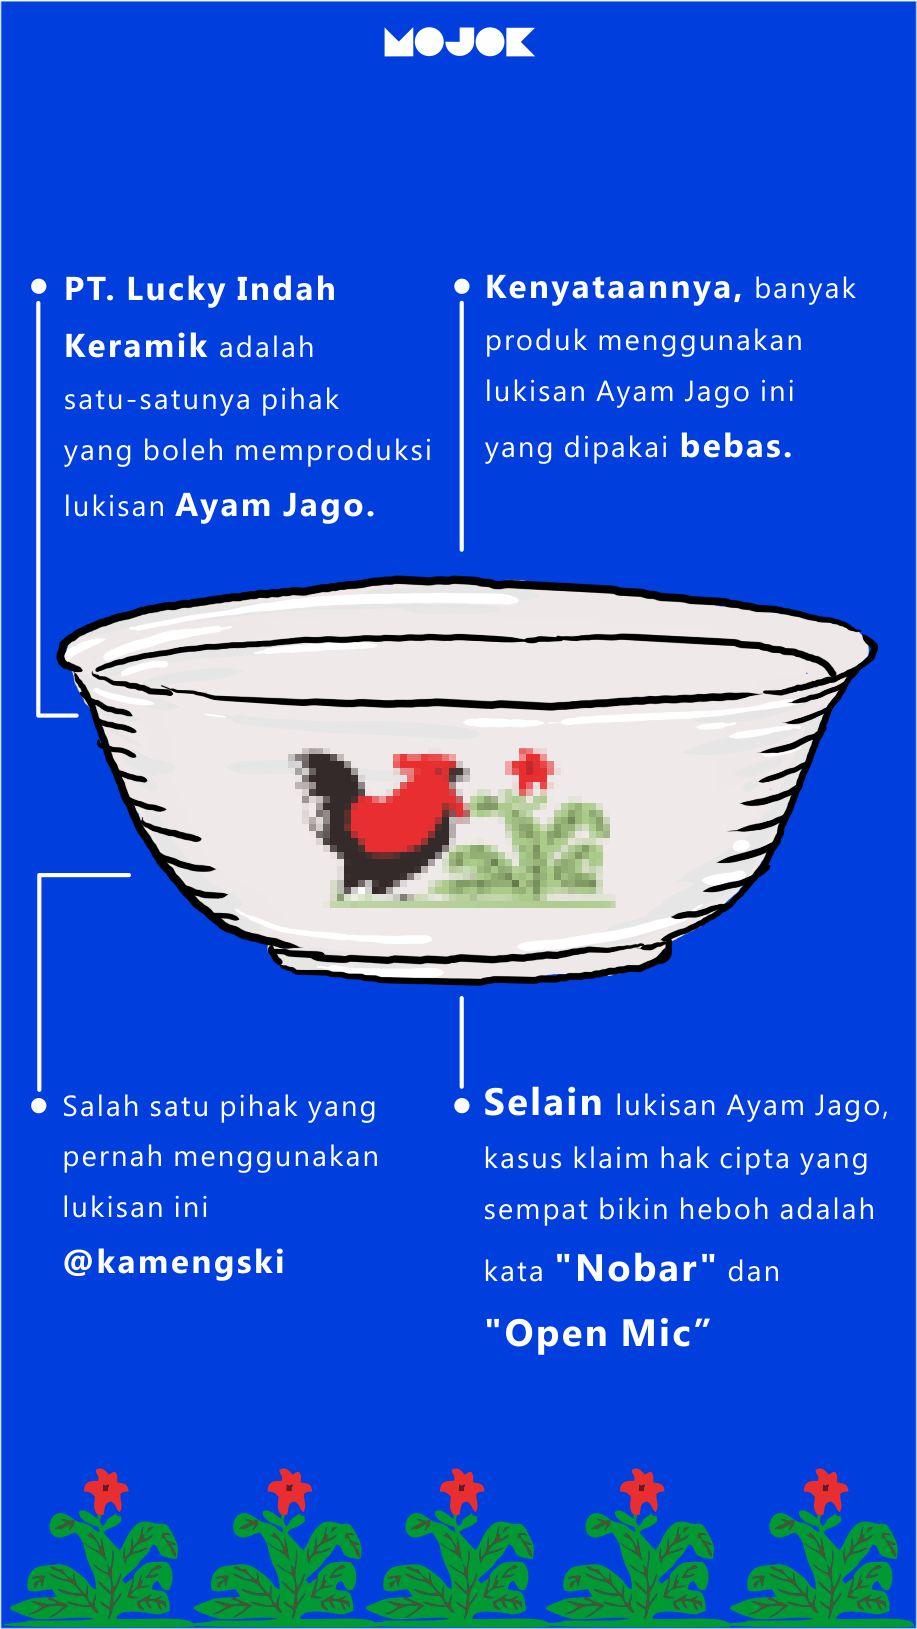 mangkuk ayam jago